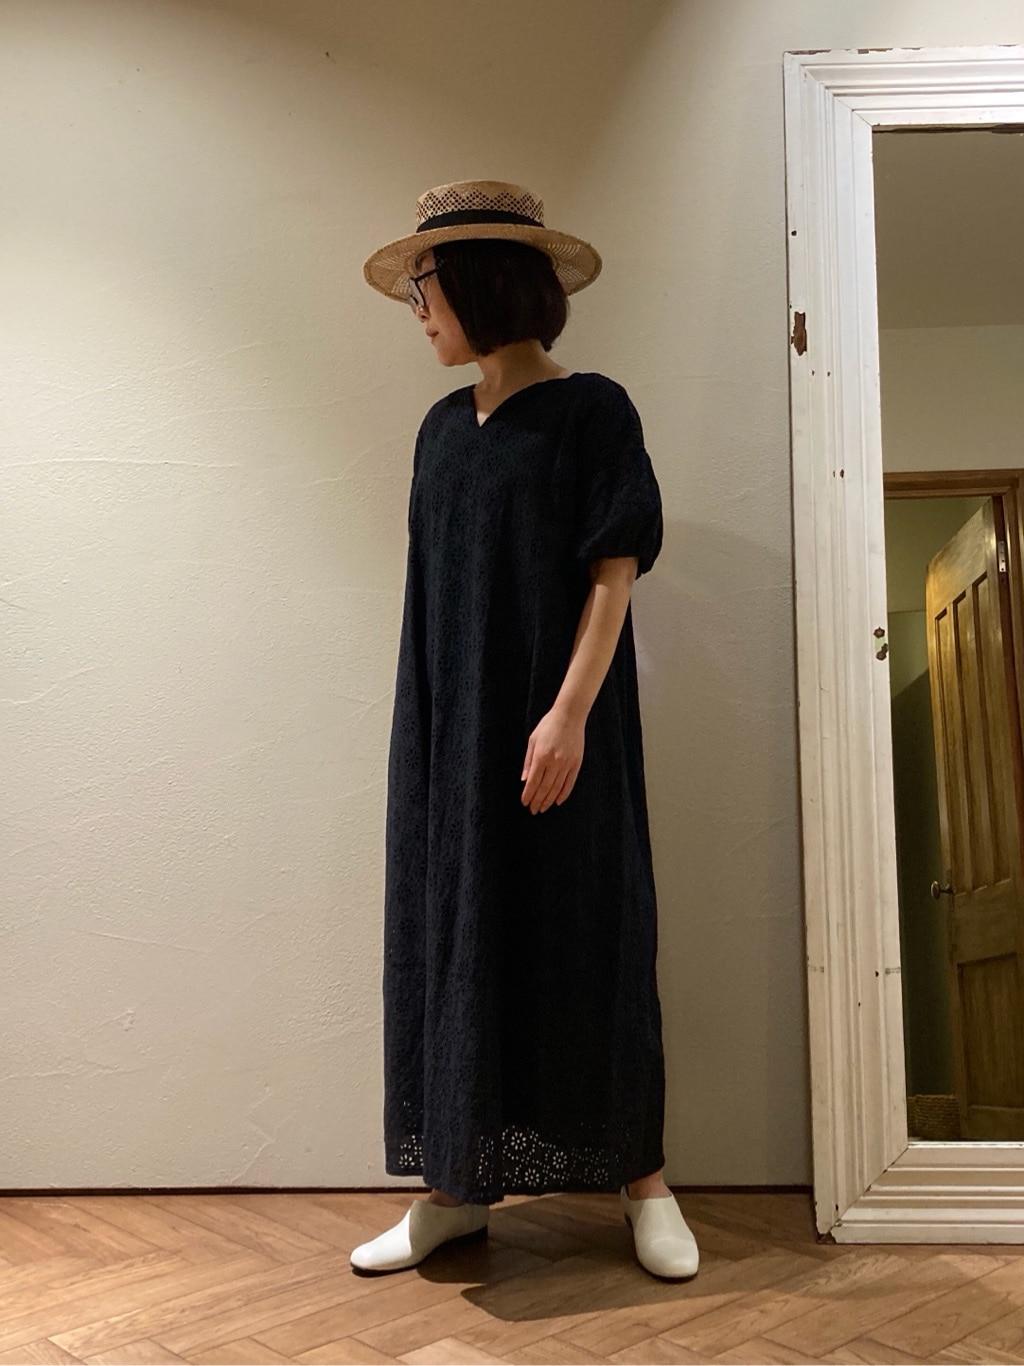 yuni 京都路面 身長:152cm 2021.04.16